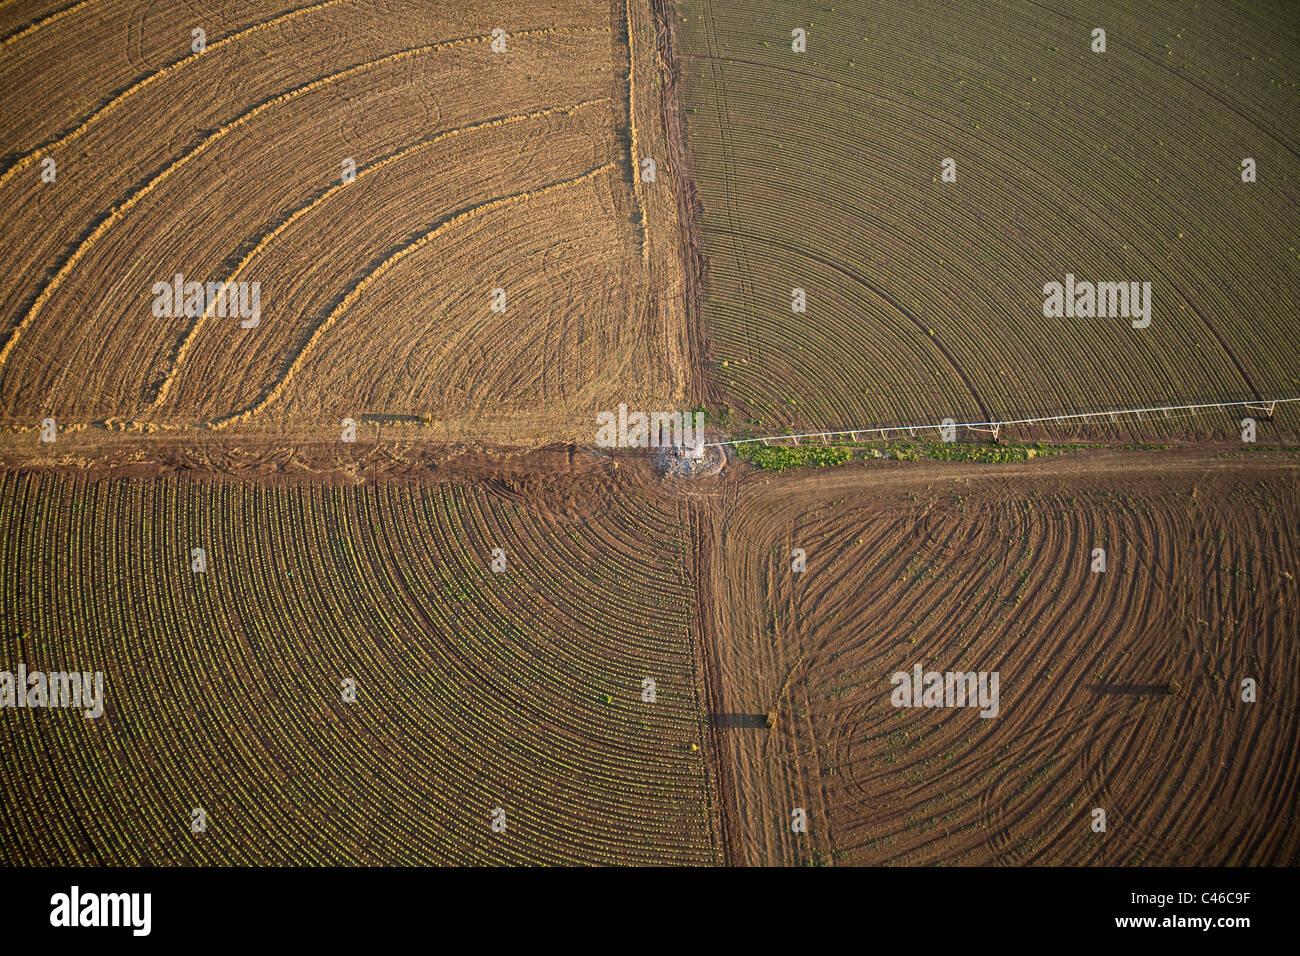 Luftaufnahme der Landwirtschaft Felder des Kibbutz Beit Alfa in die Jezreel Senke Stockbild